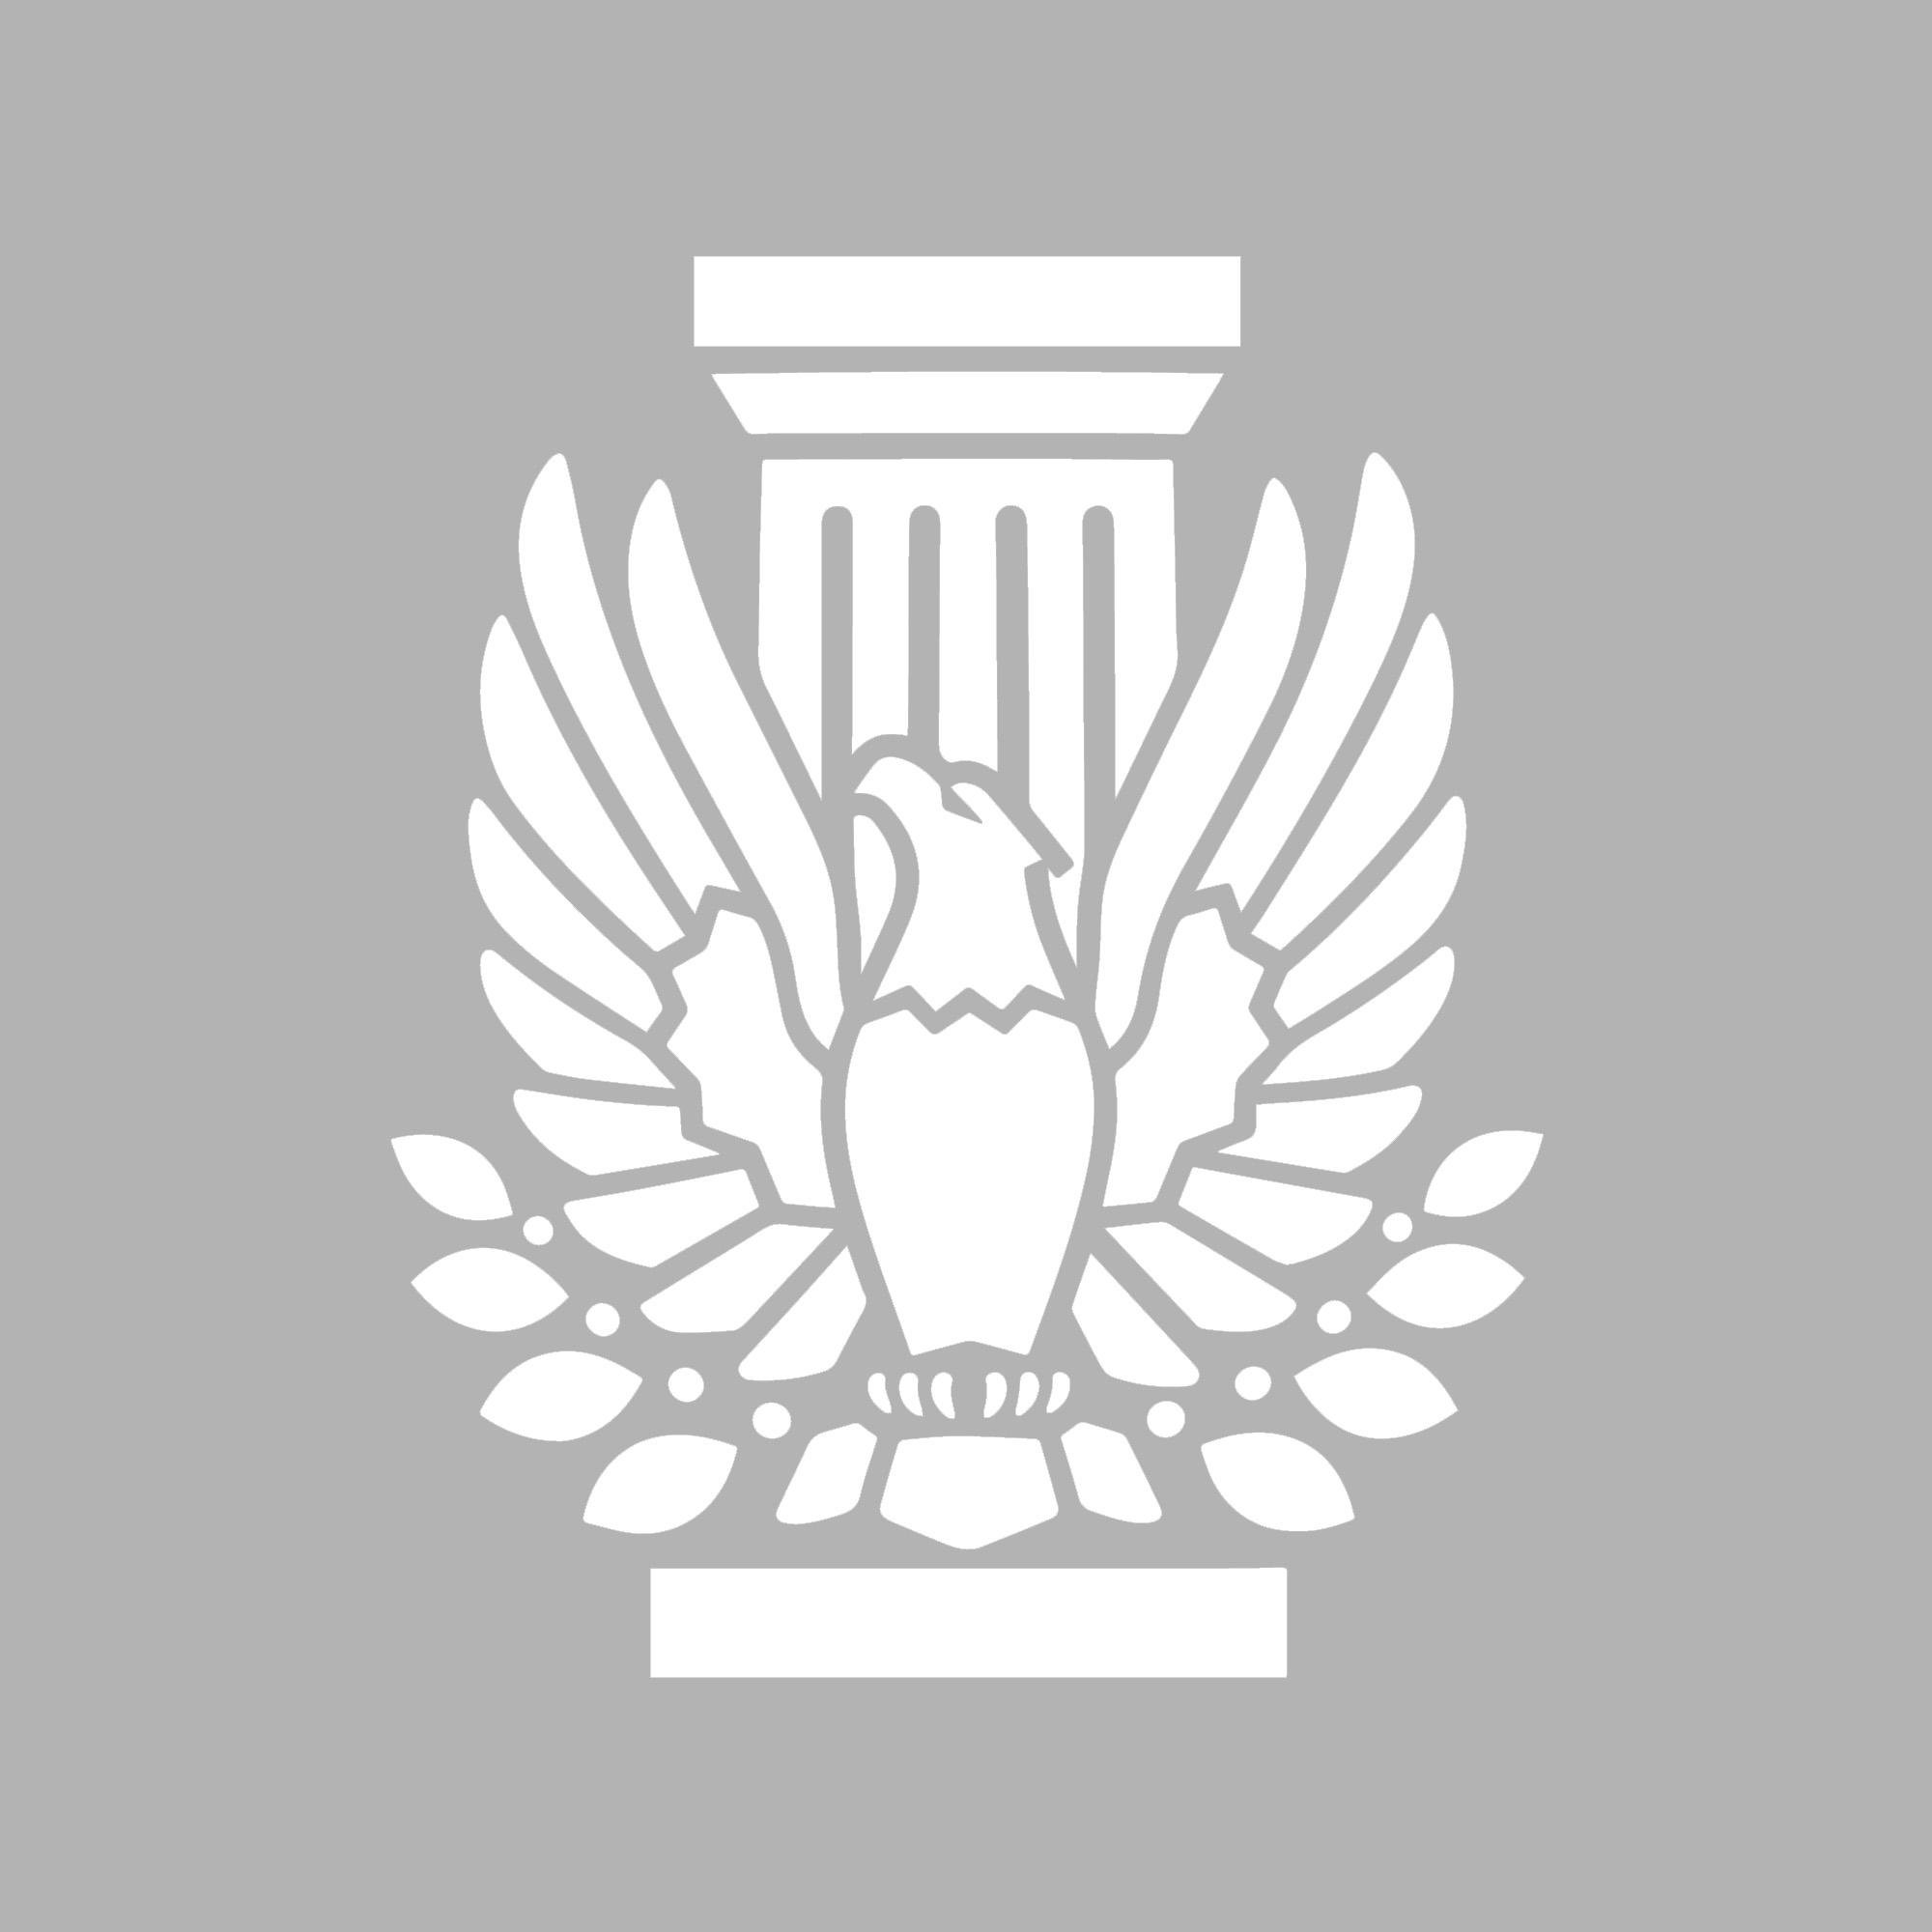 AIA_Logo_grey back.jpg